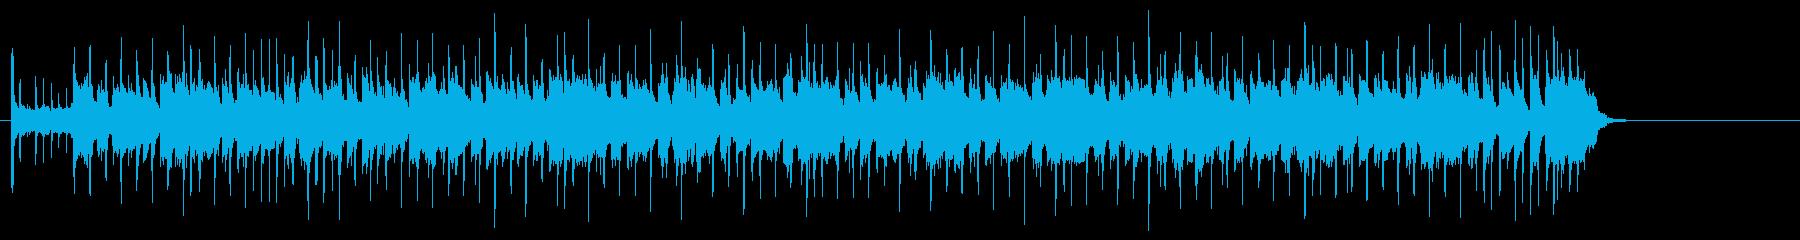 ブルージーでタフネスなギター・サウンドの再生済みの波形